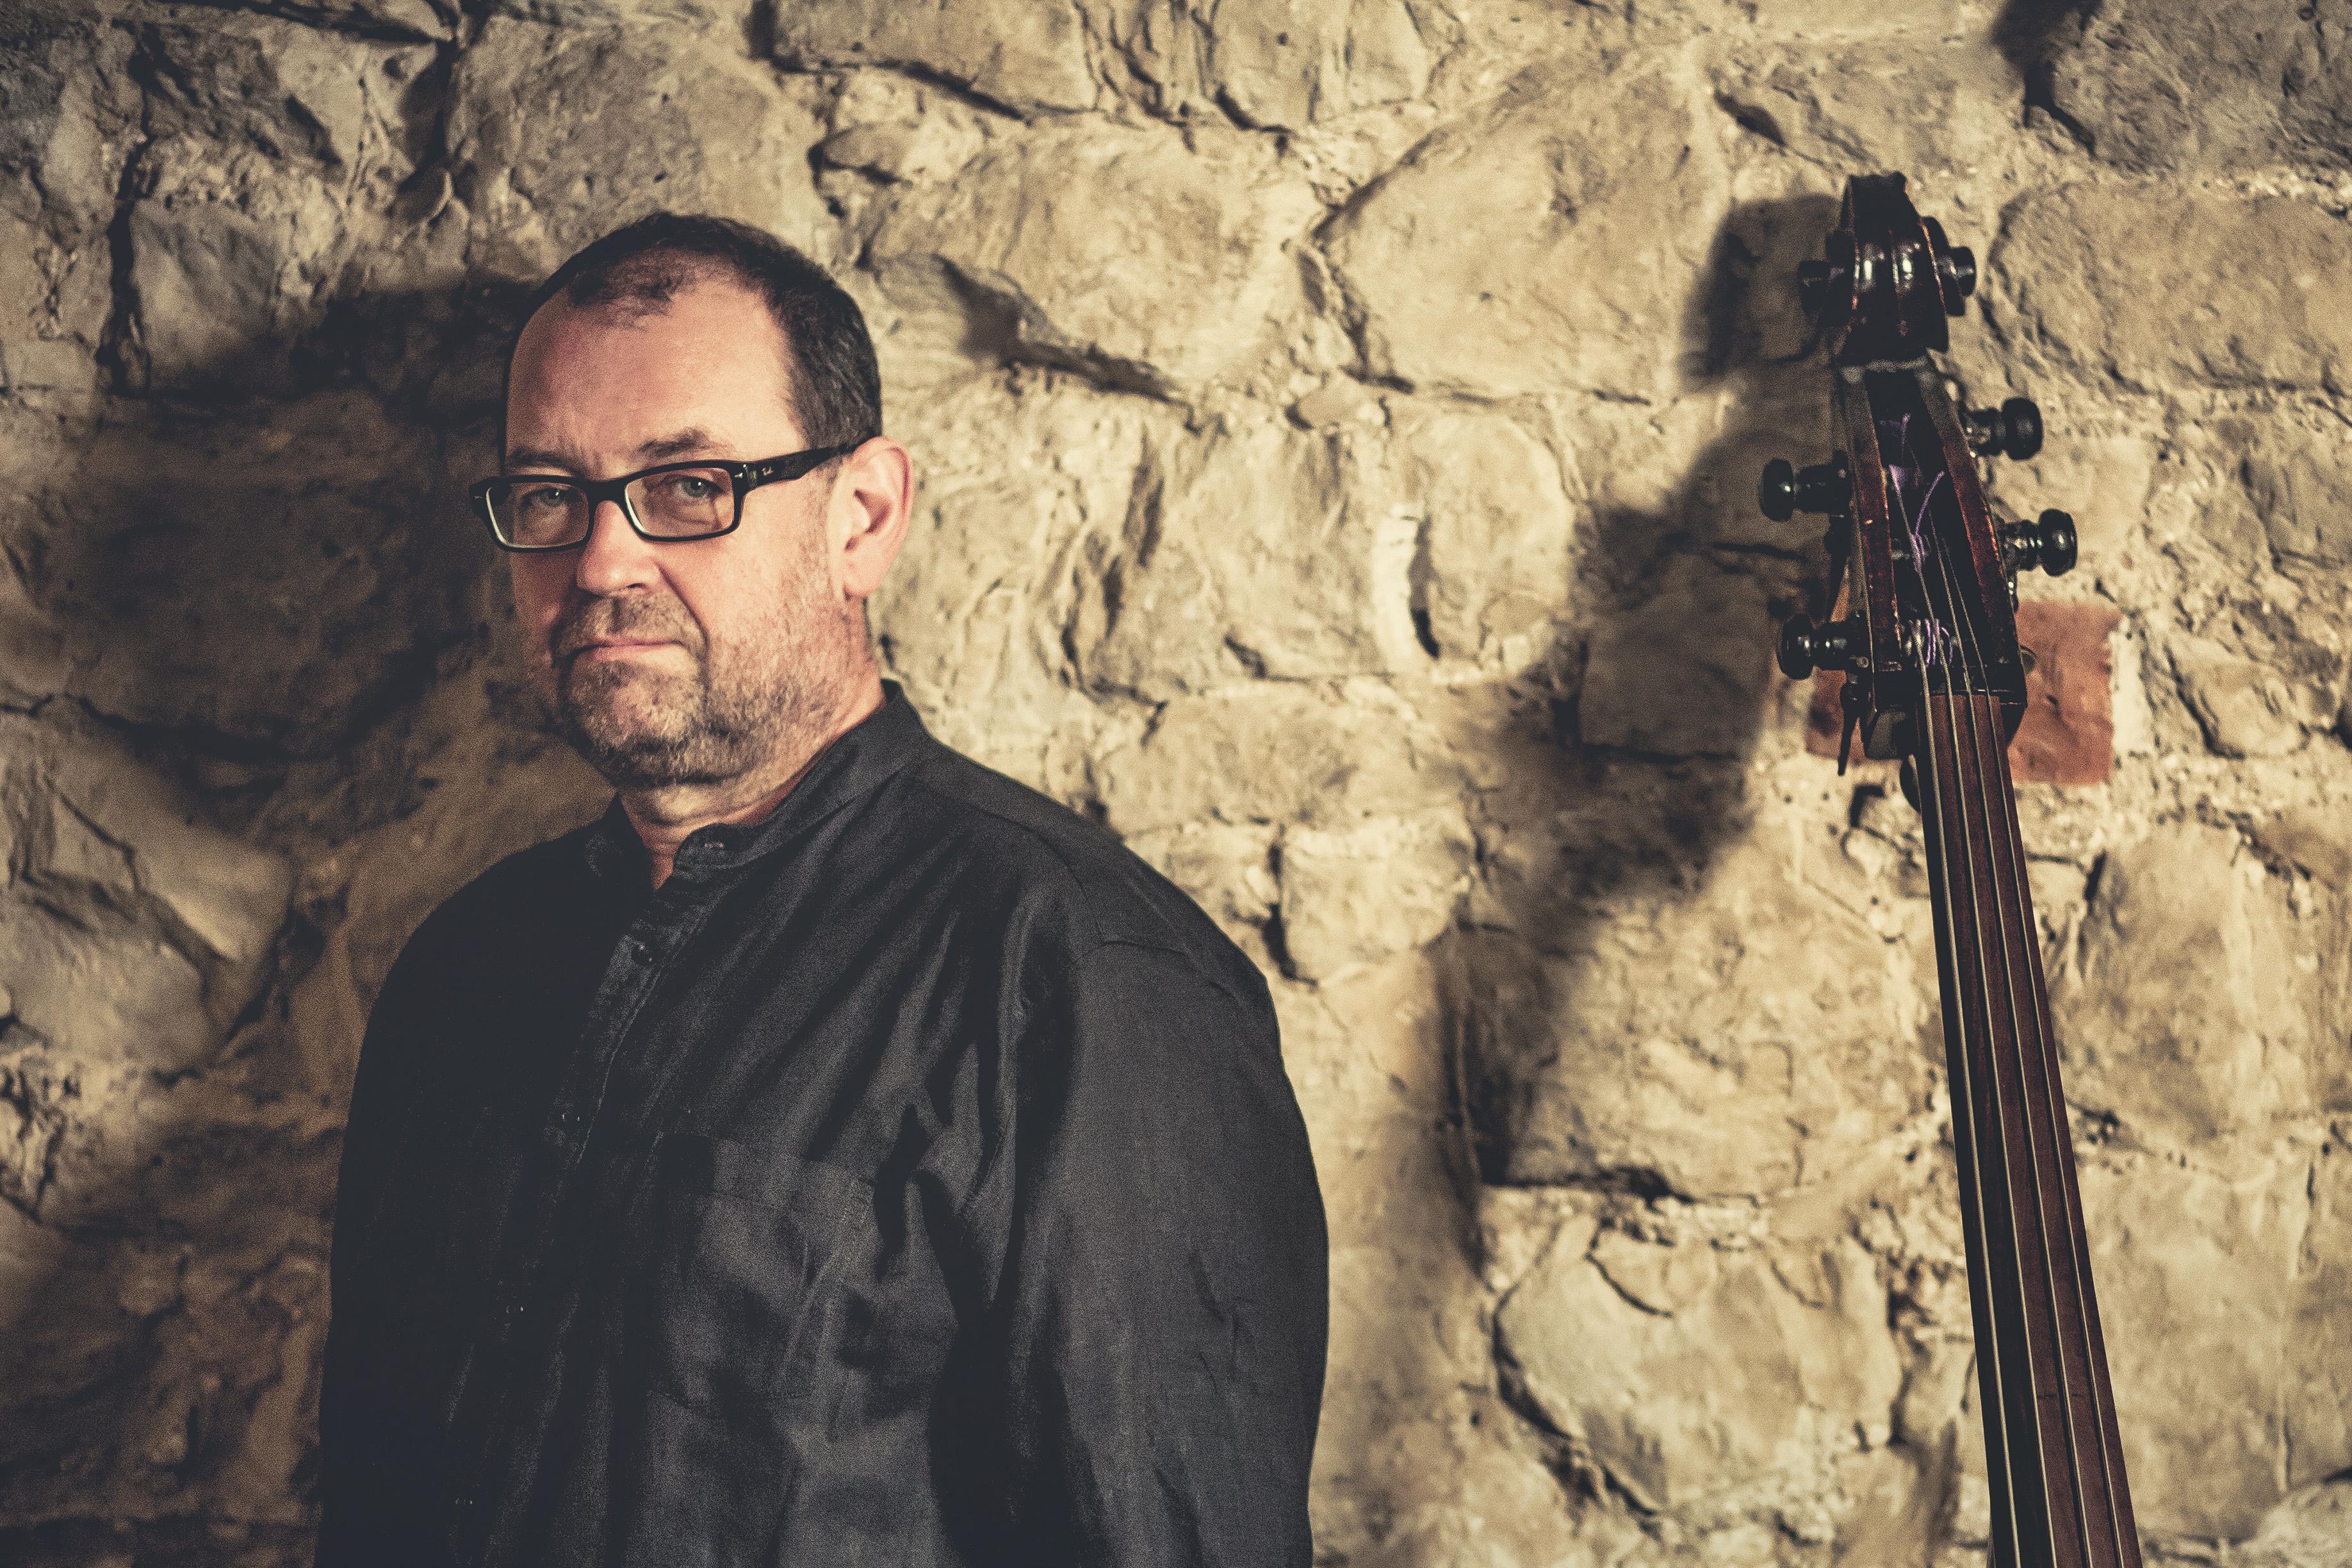 mariusz-bogdanowicz-fot-pawel-waga-2